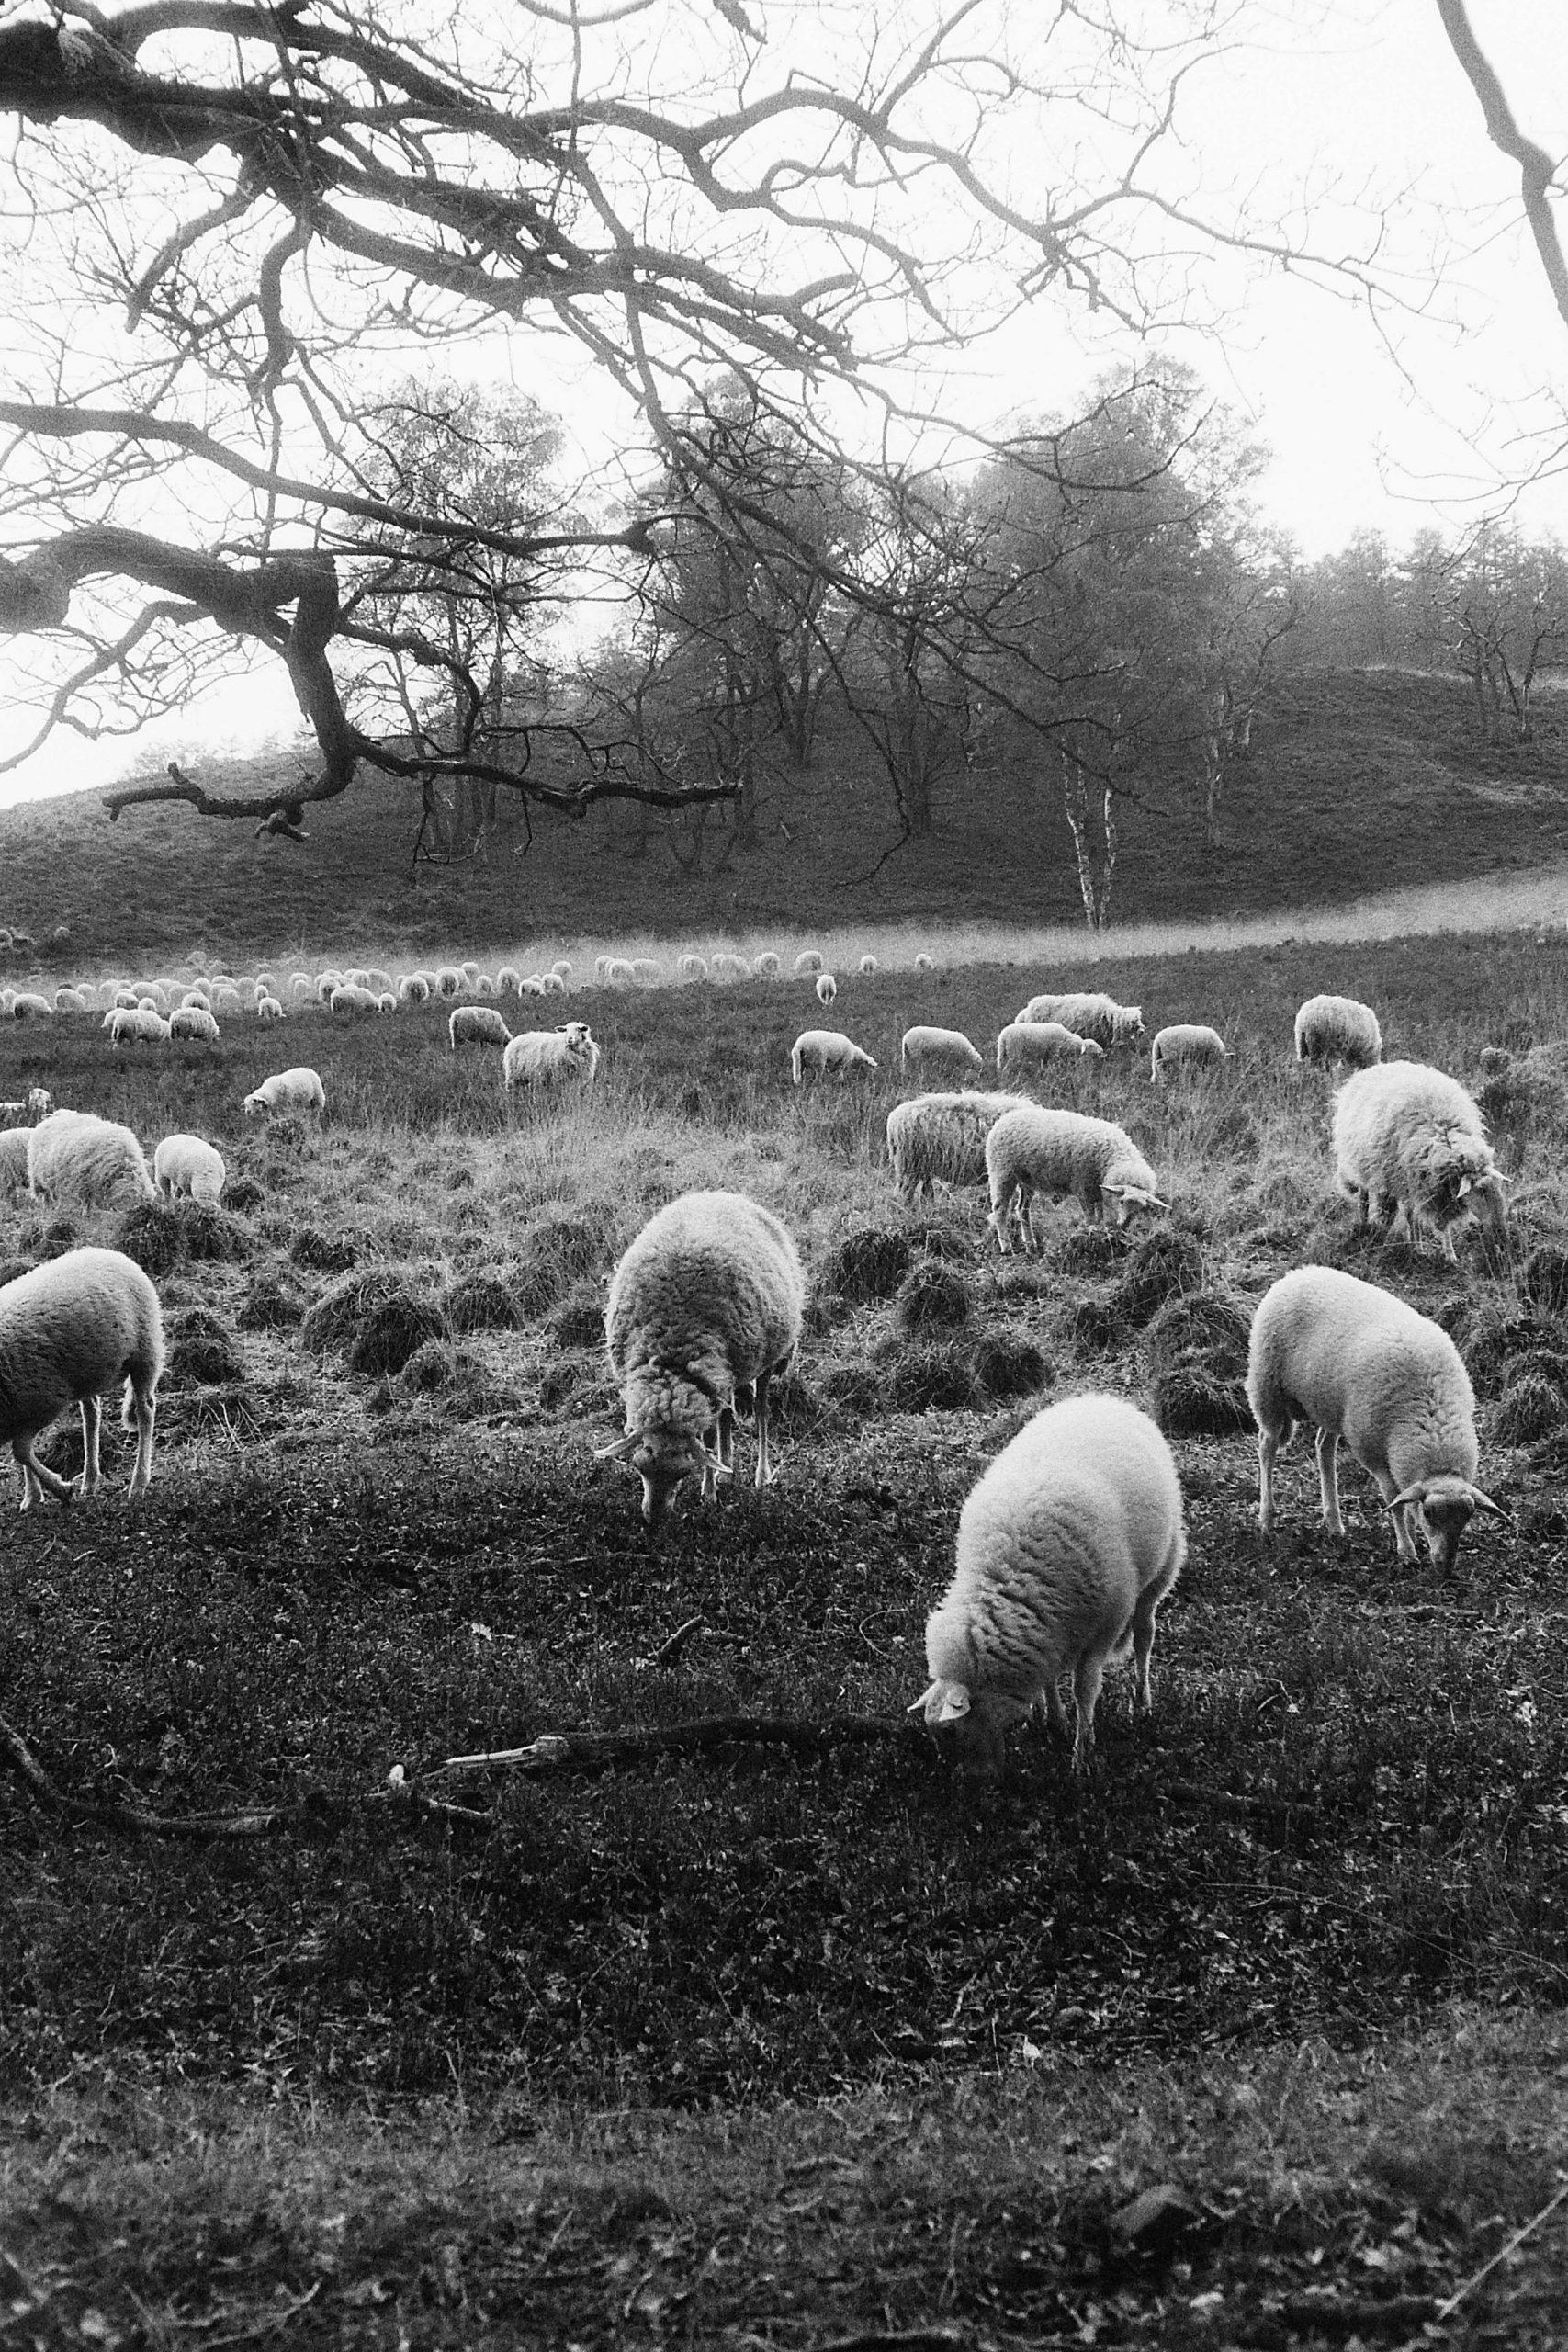 schapen-jagen_5